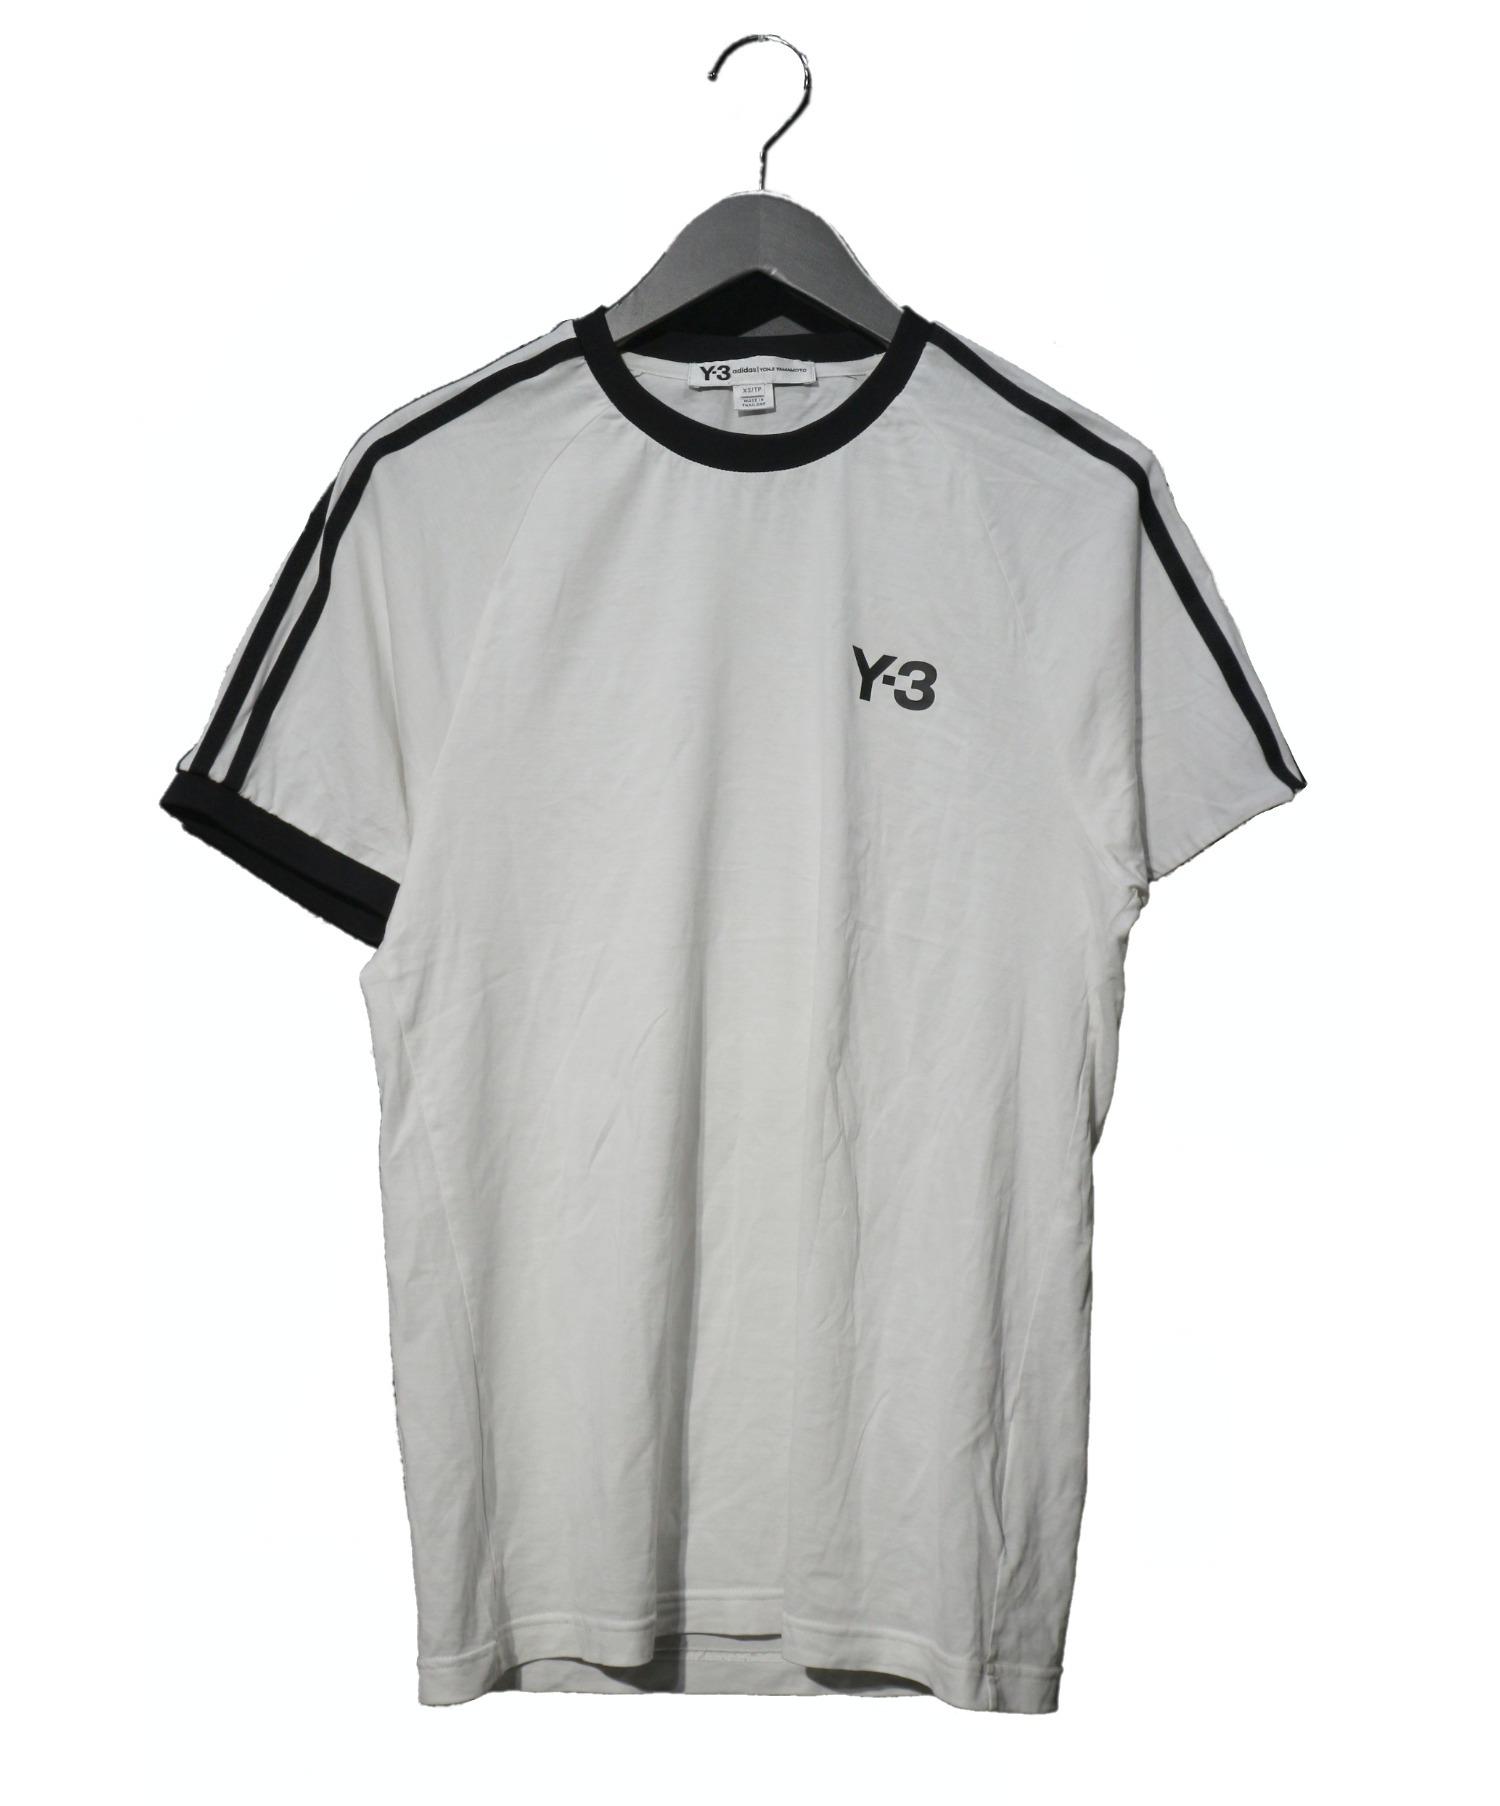 Y 3 t シャツ